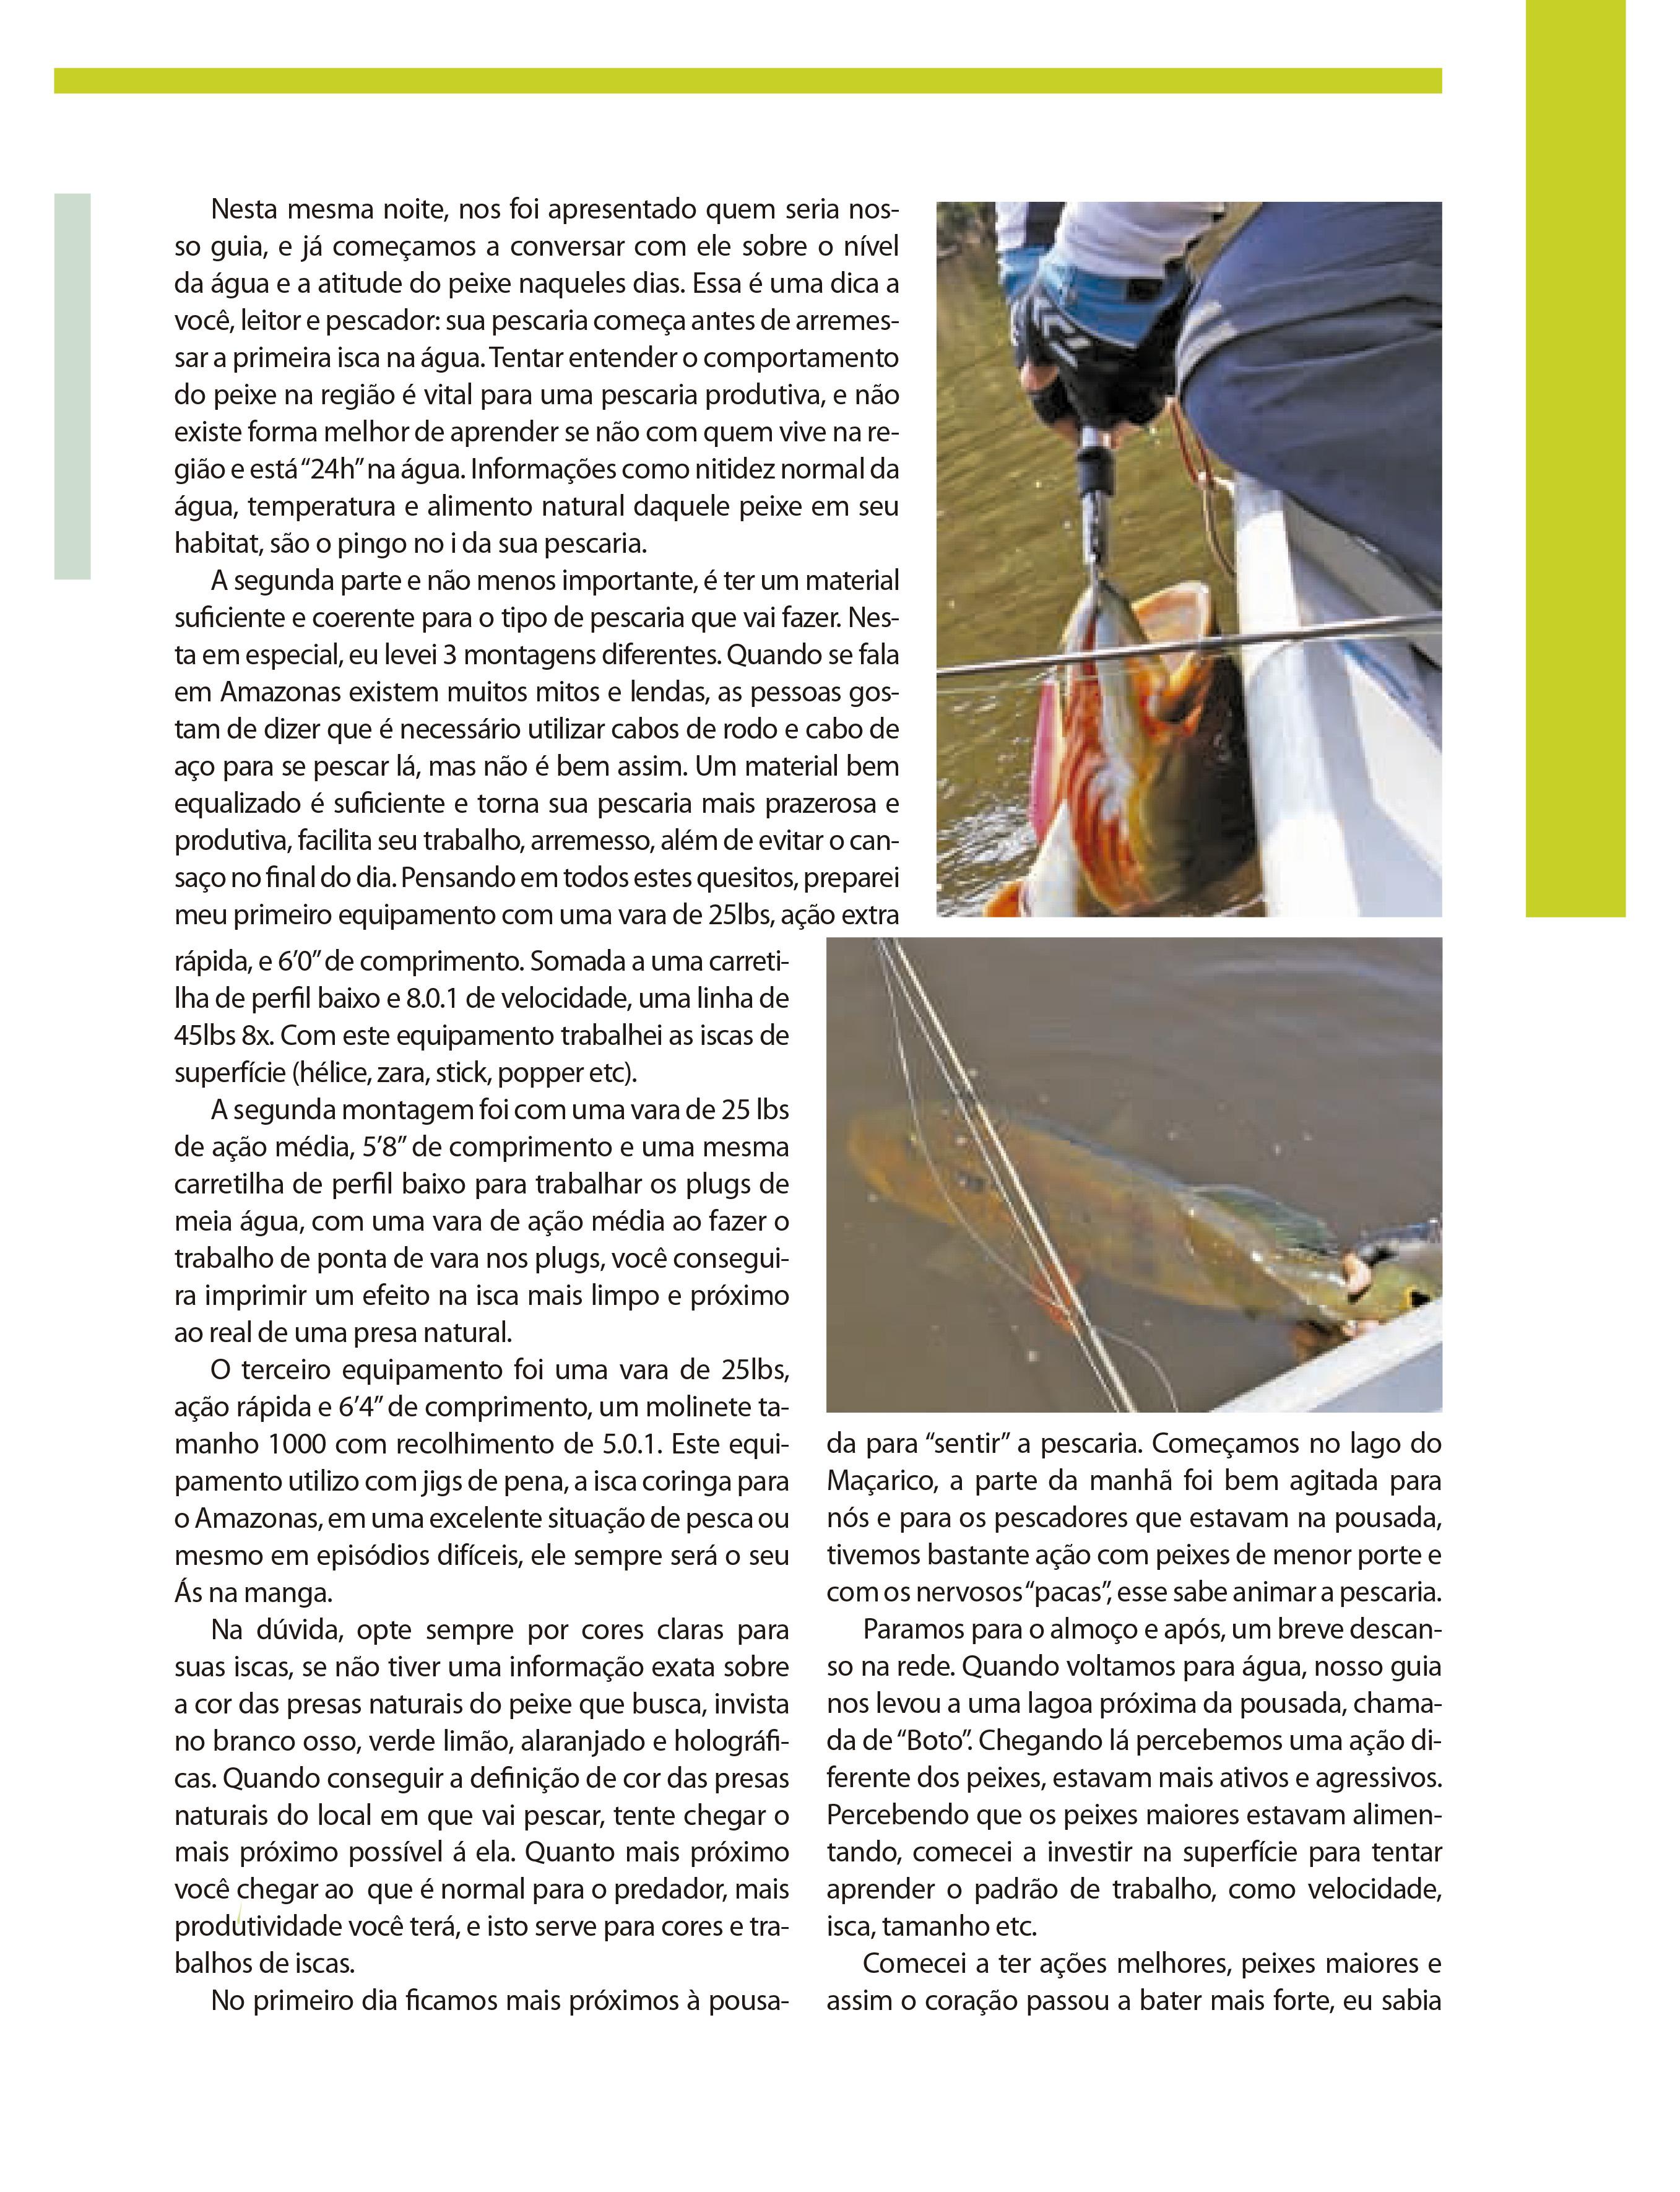 Revista Fishing News_ed 91_OP 47300_pdf prova-37